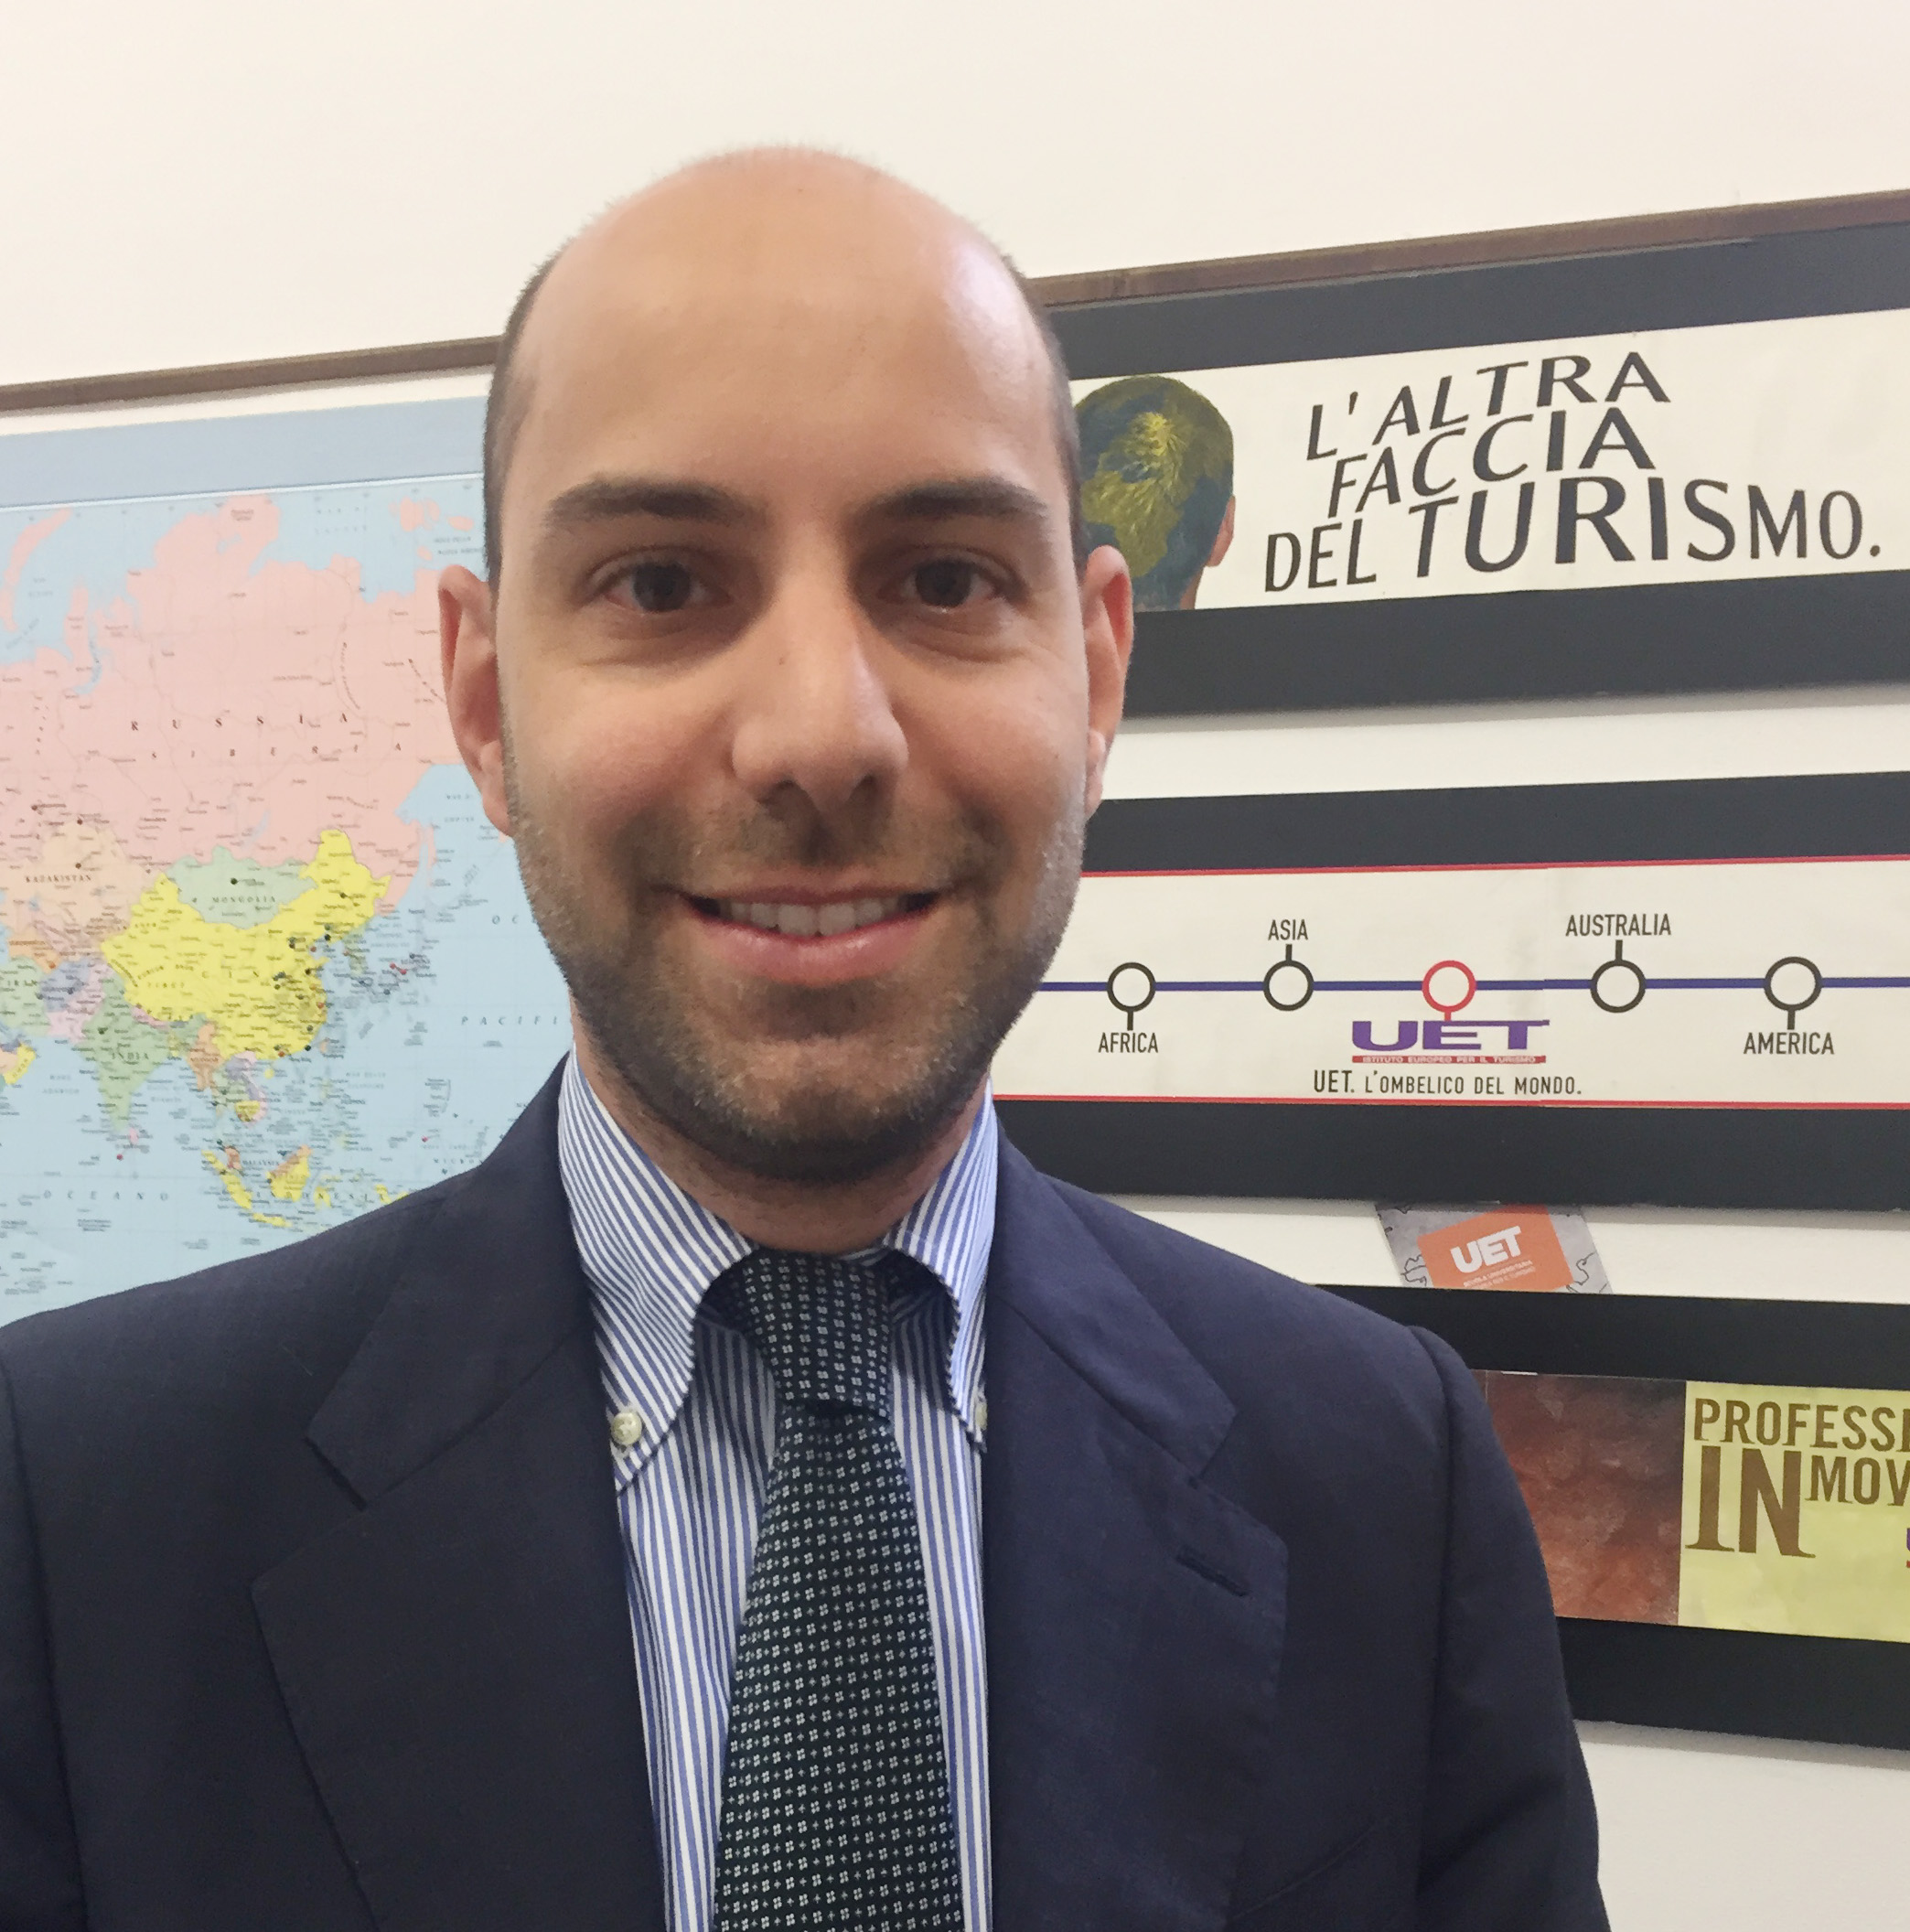 Docente Claudio Miglio